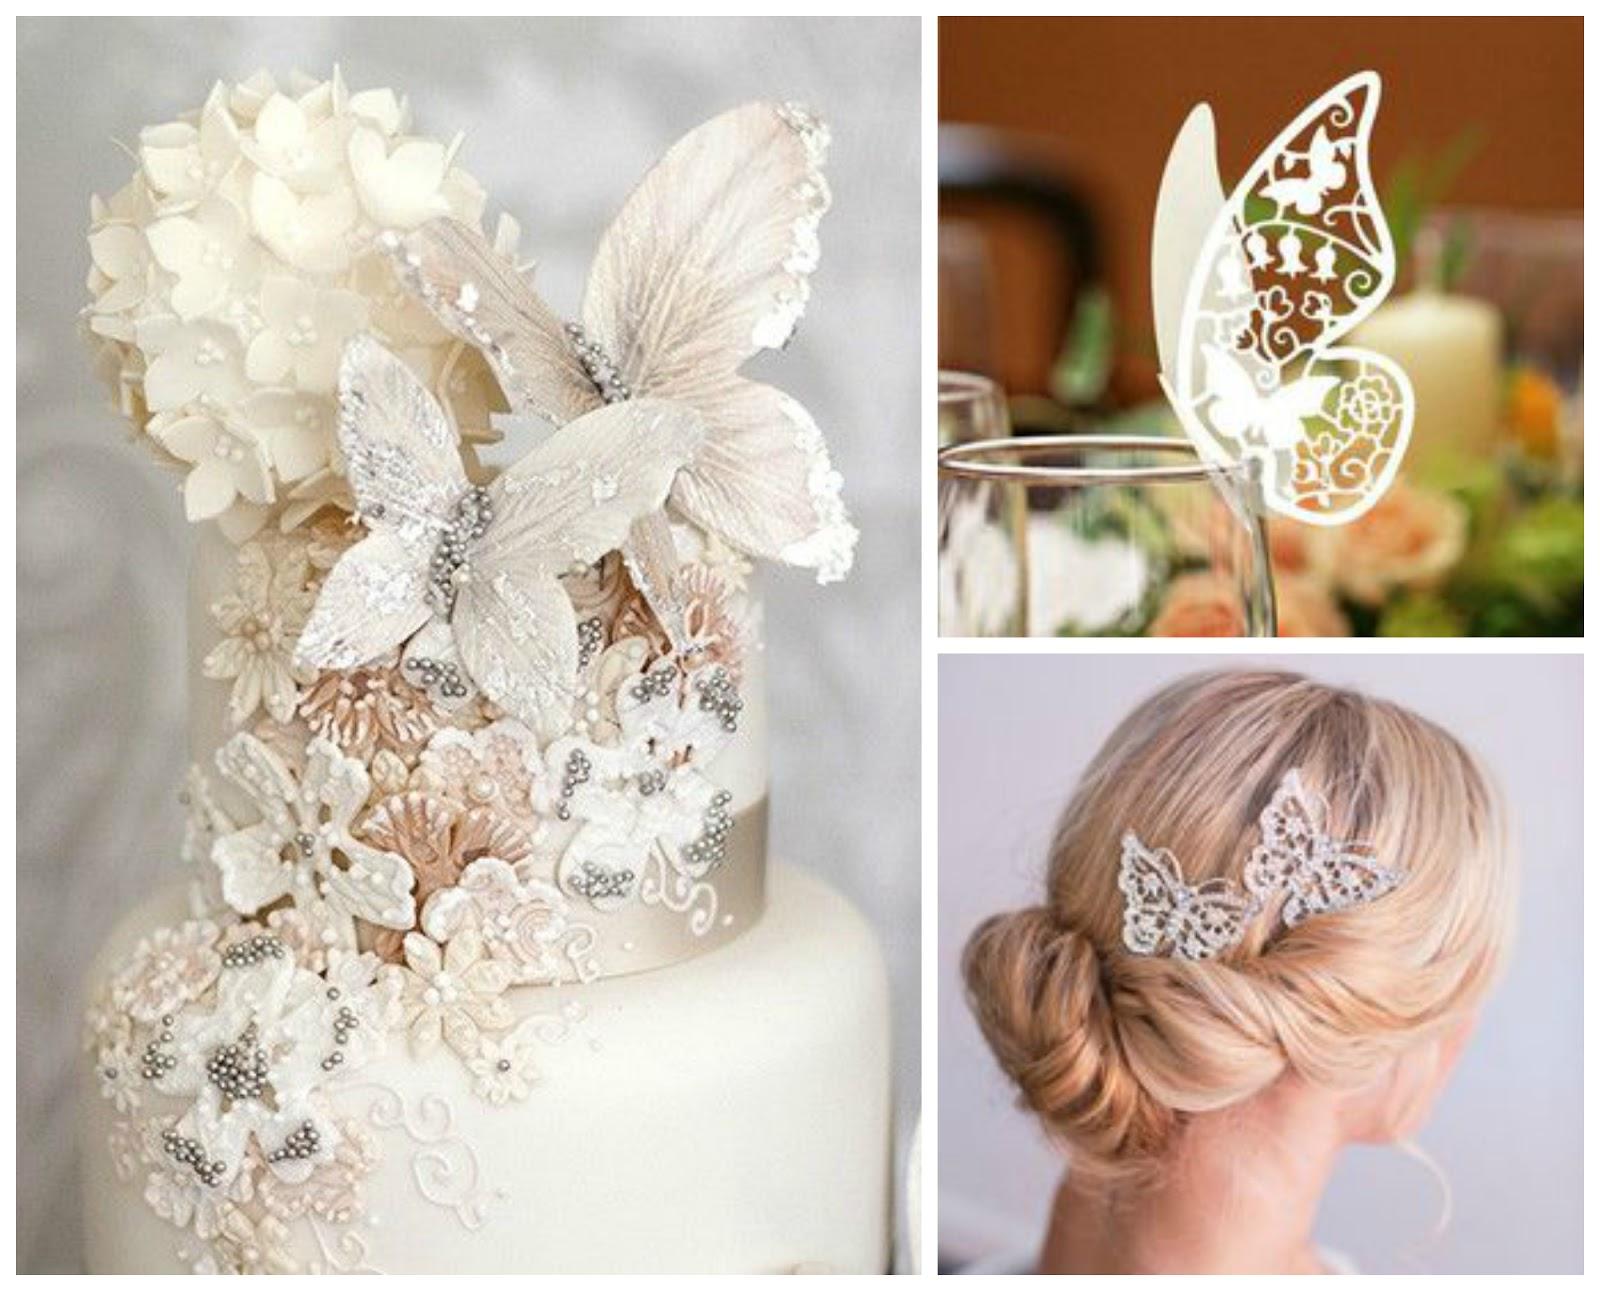 Matrimonio Tema Natura : Matrimonio ecologico tutto per il a tema farfalle